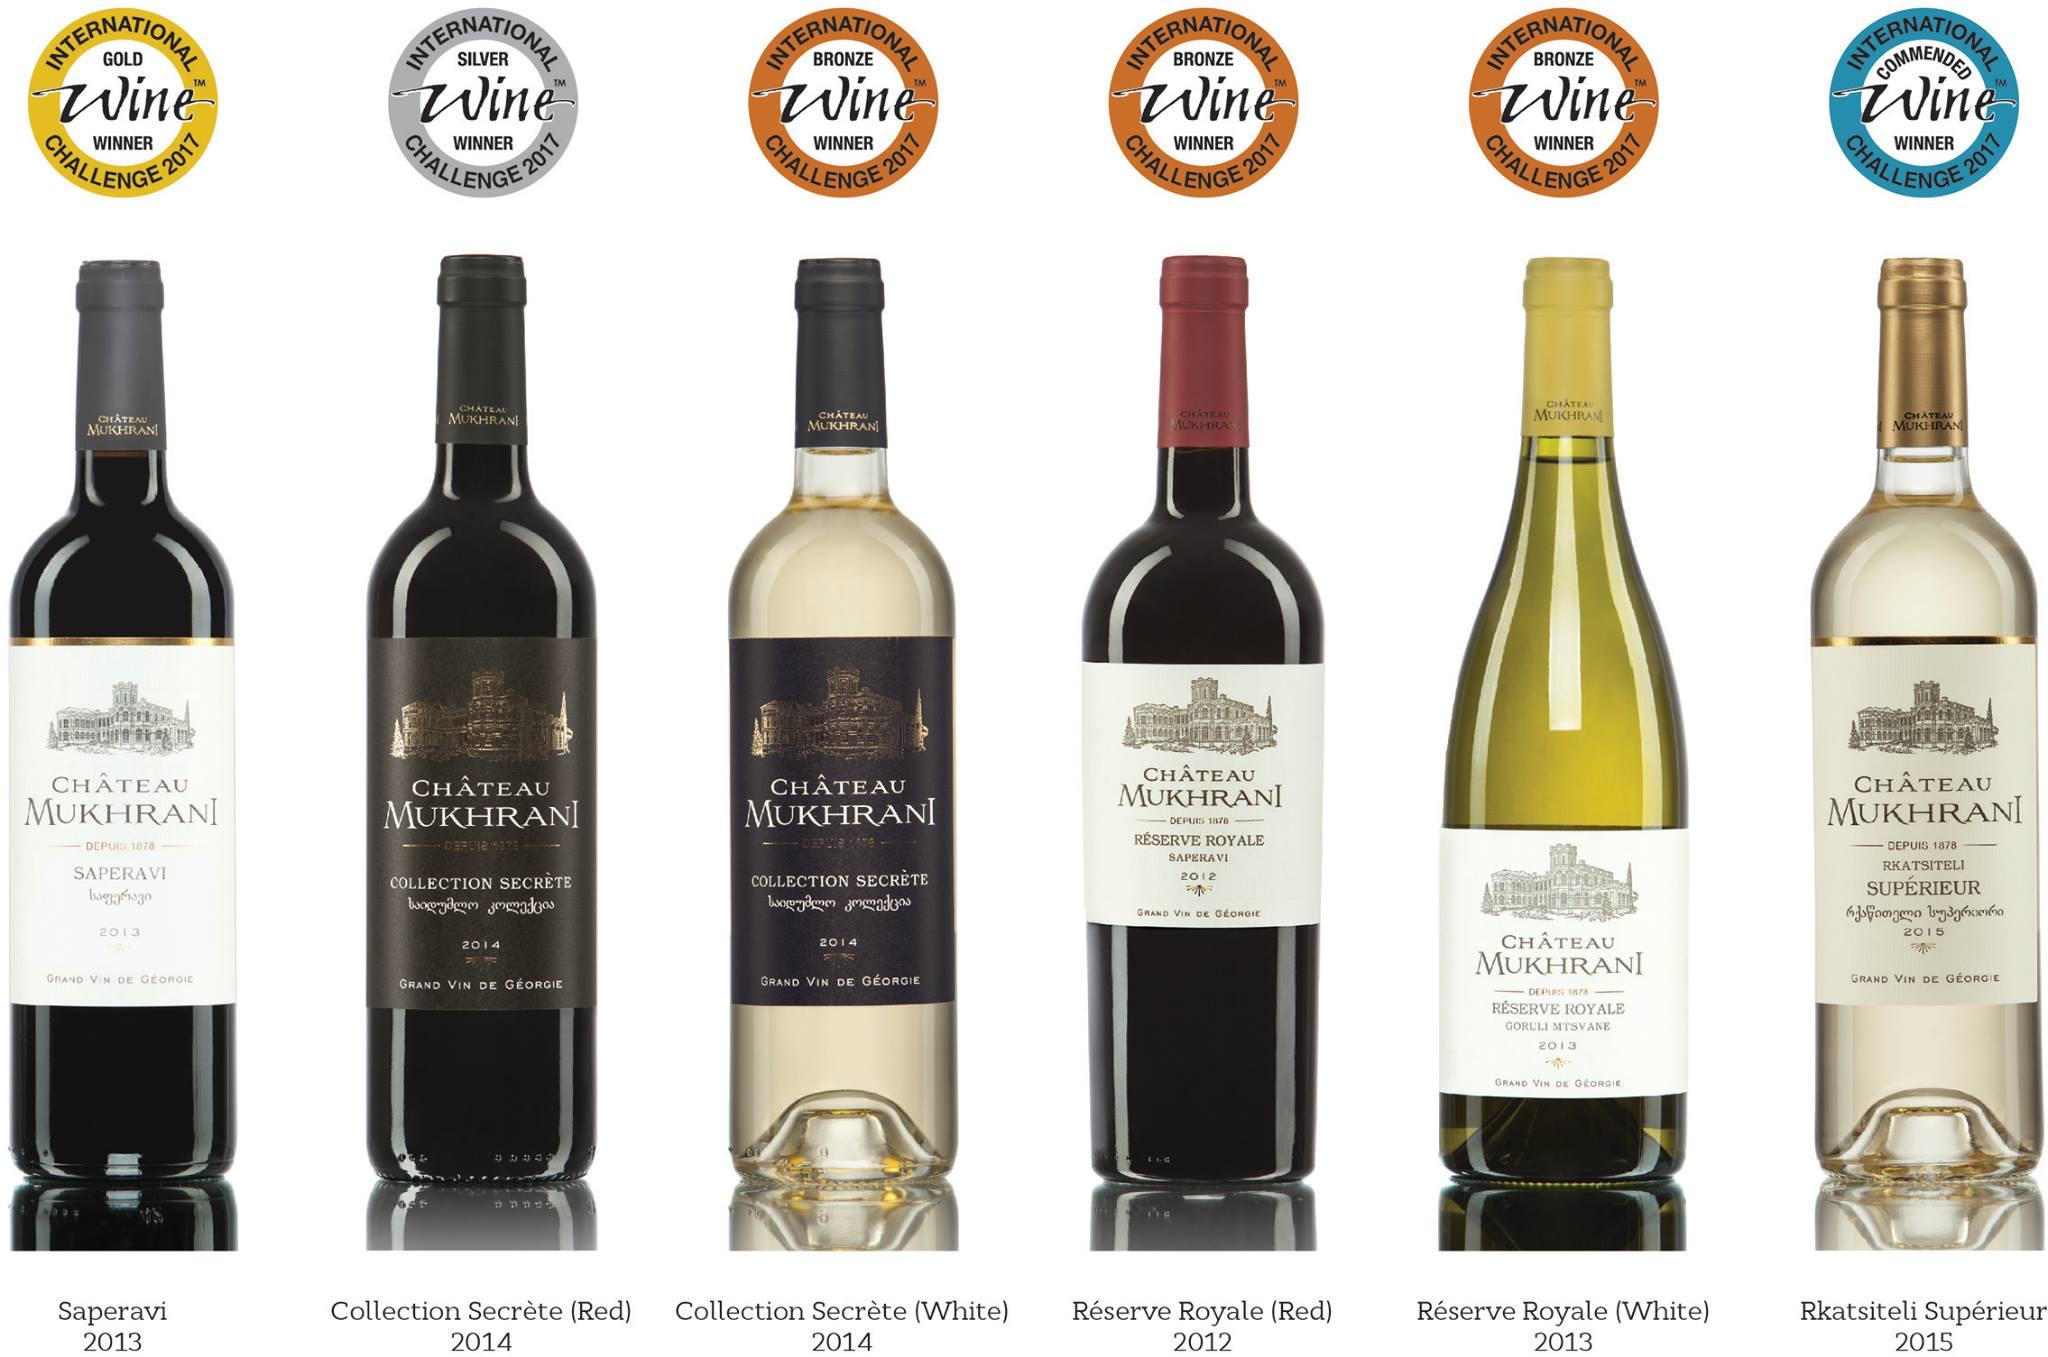 shato muhrani #новости грузинское вино, золотая медаль, конкурс, приз, саперави, Шато Мухрани